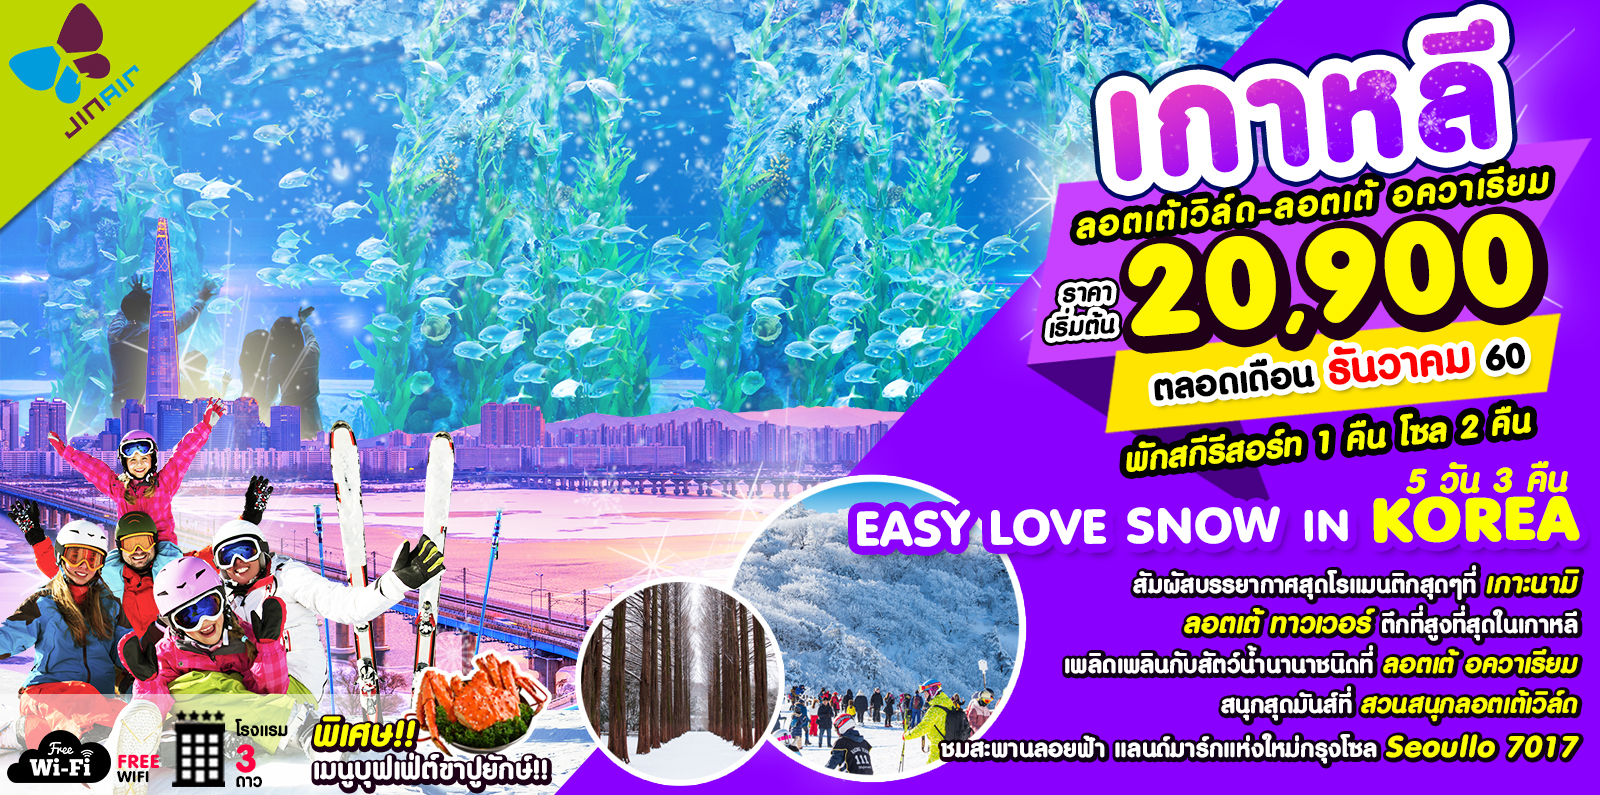 EASY LOVE SNOW IN KOREA BY LJ